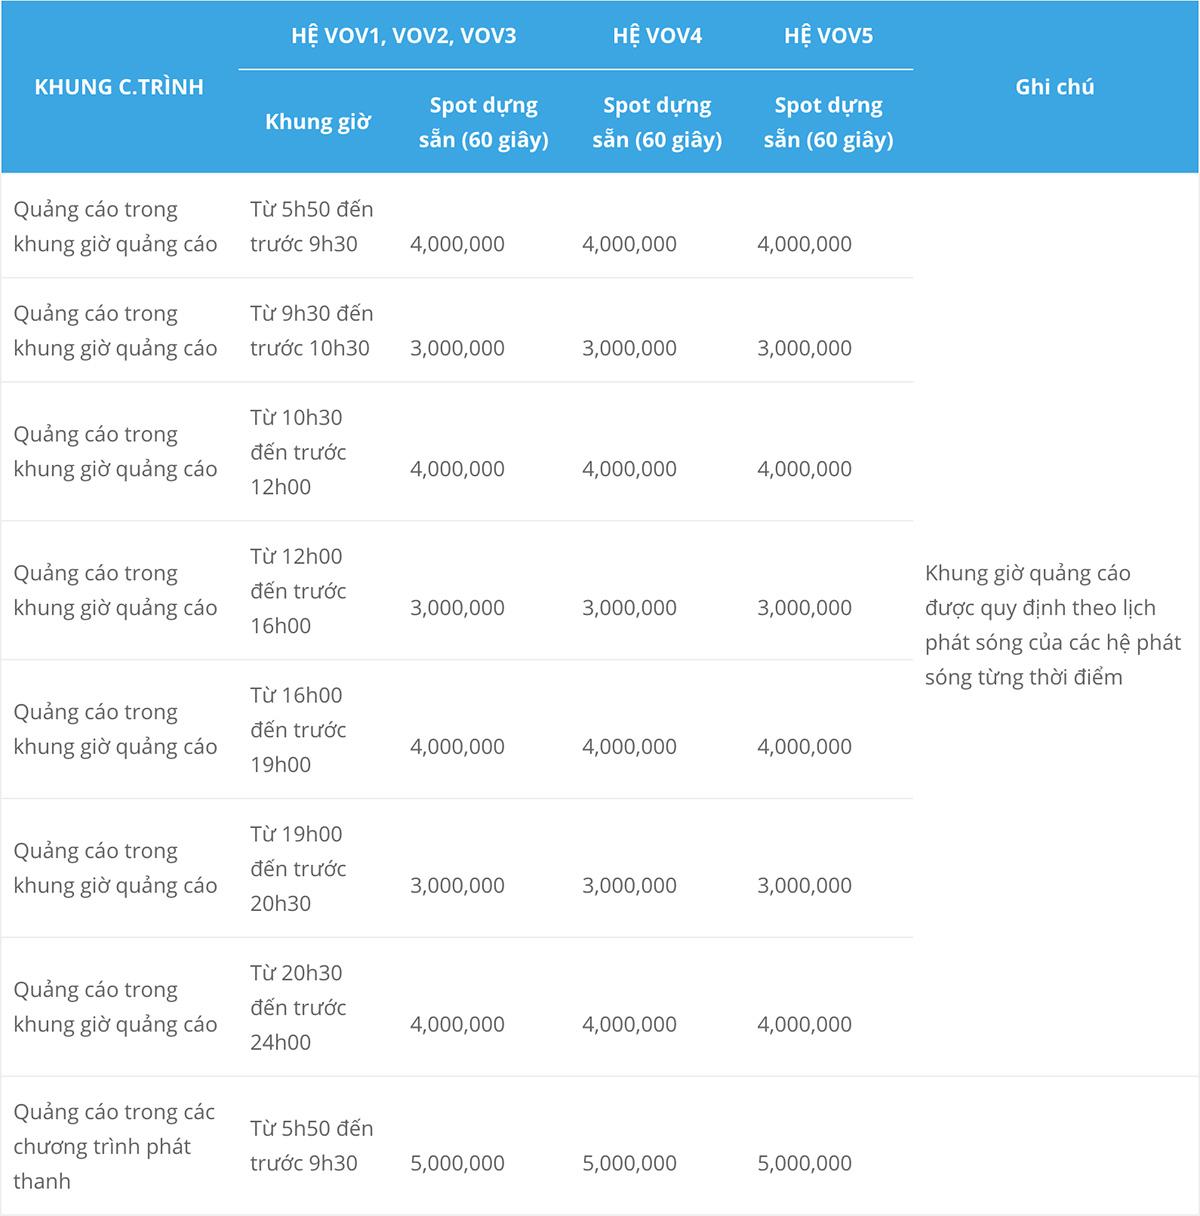 Báo giá quảng cáo trên VOV 1, 2, 3,4, 5